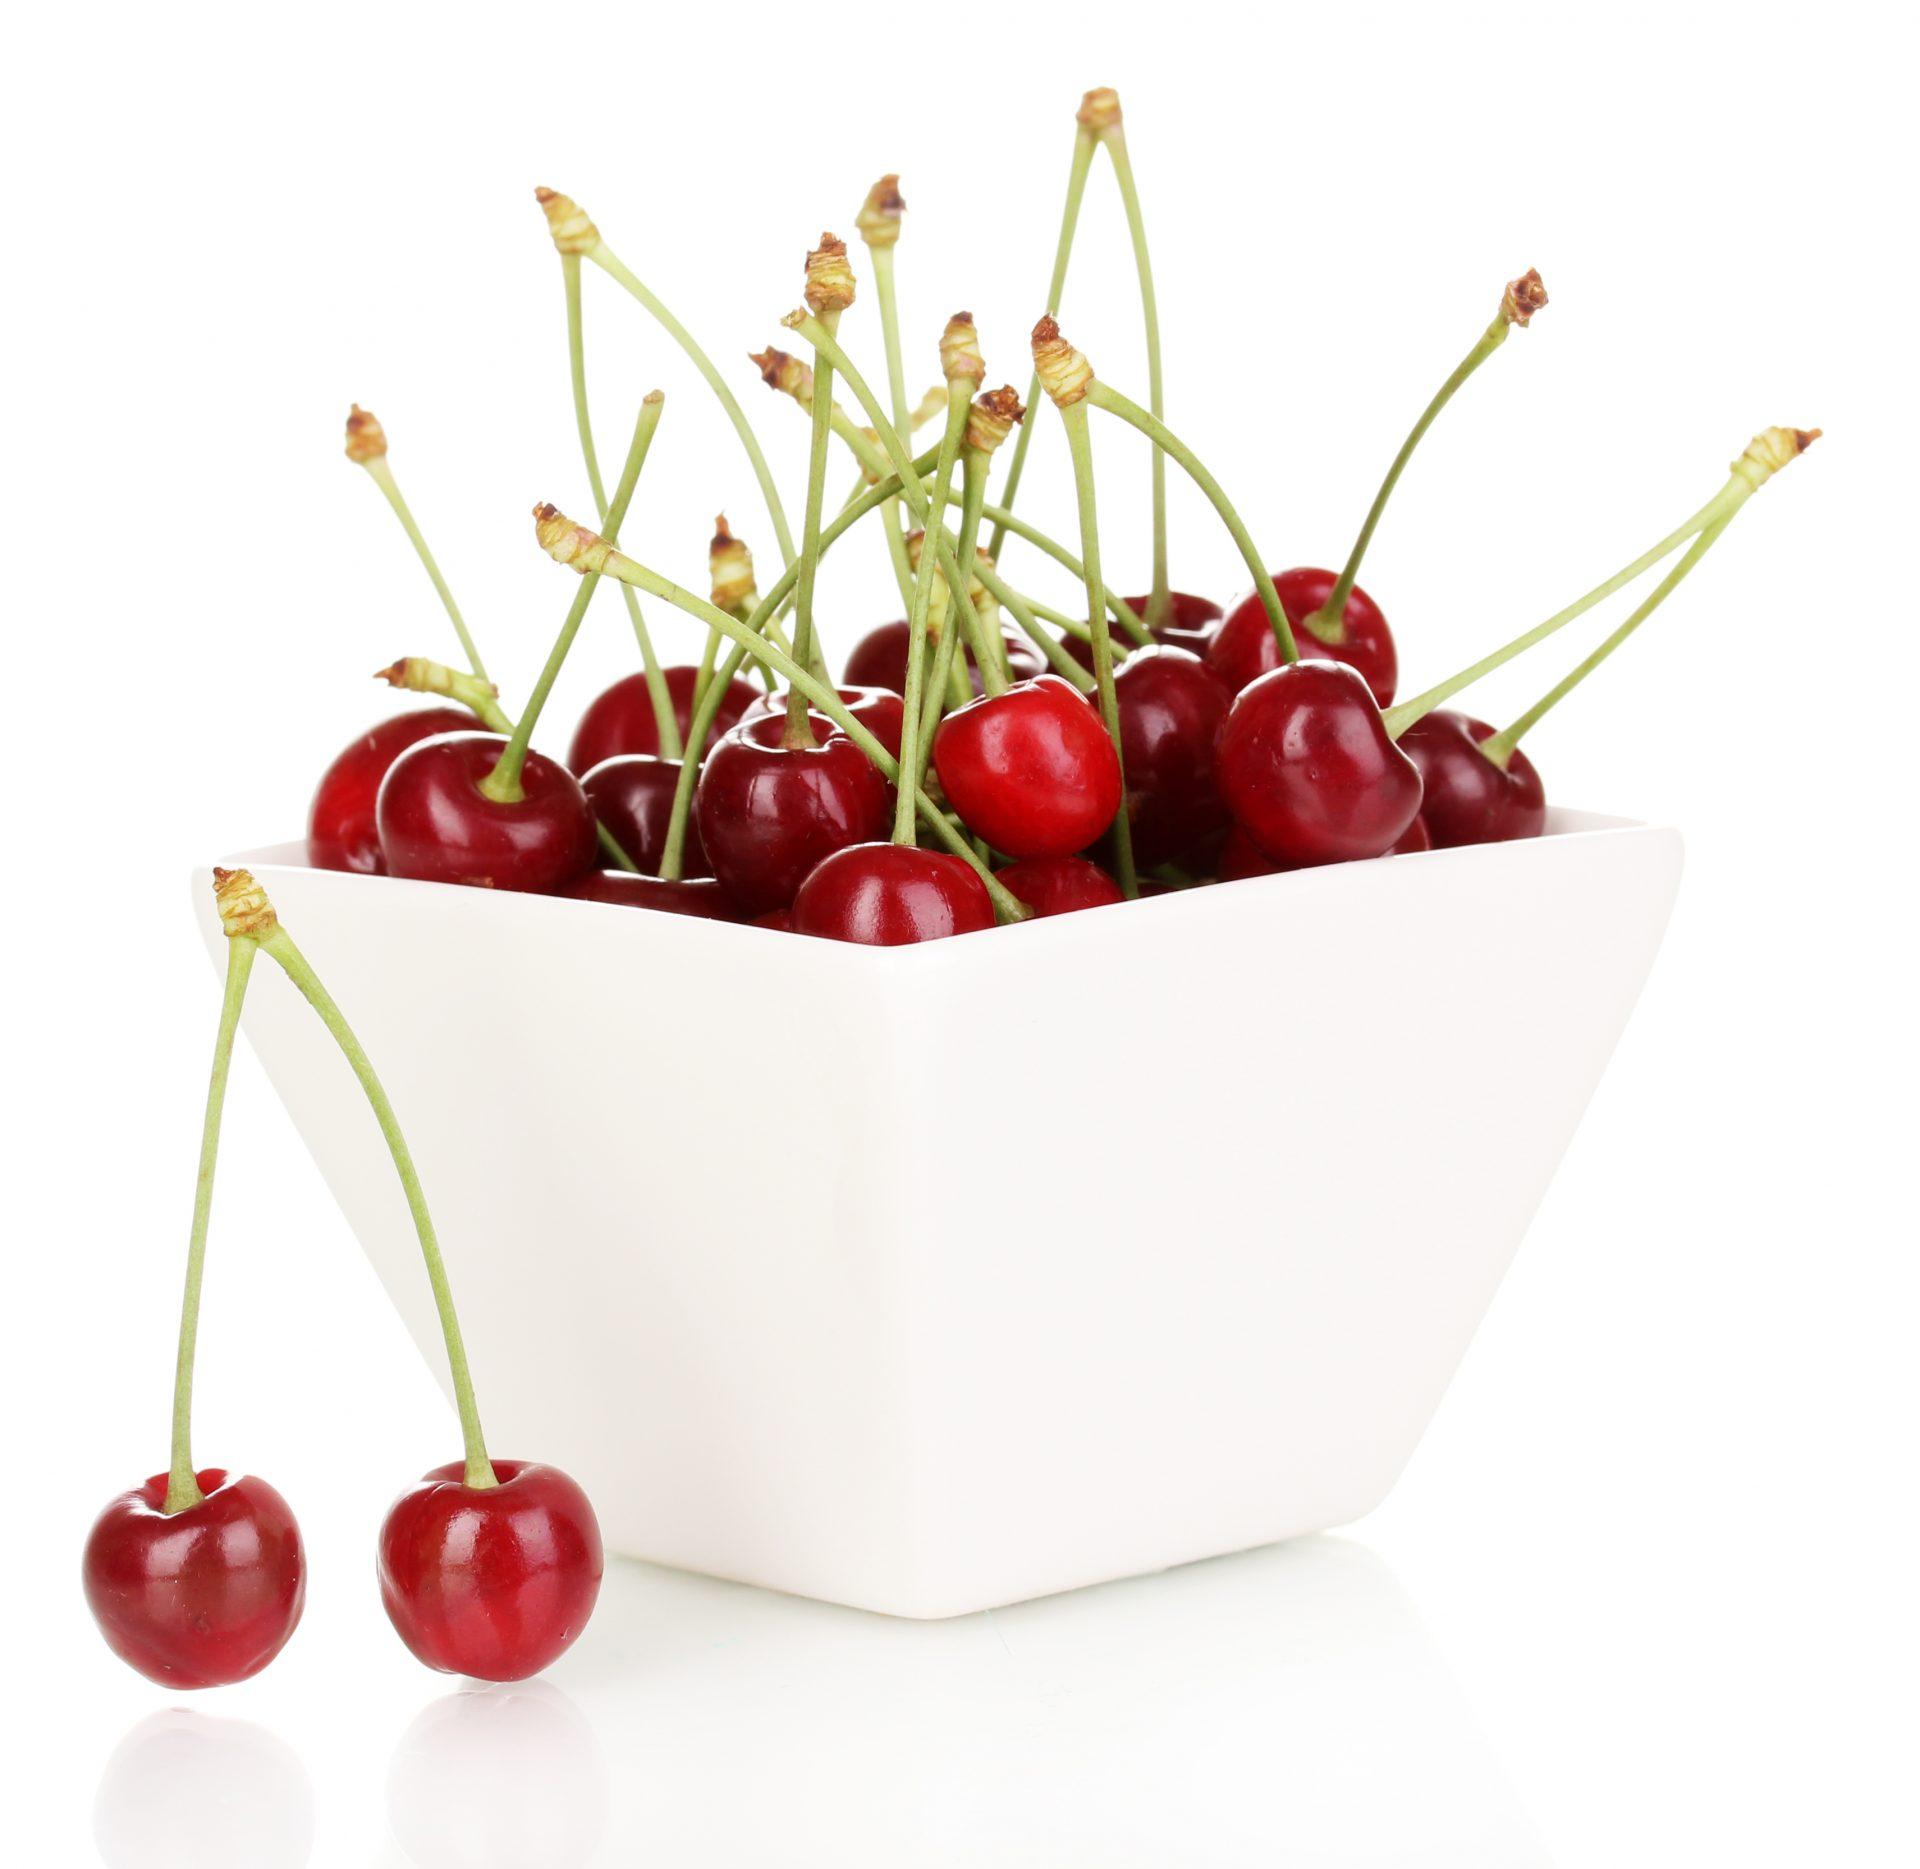 frugtsukker i frugt